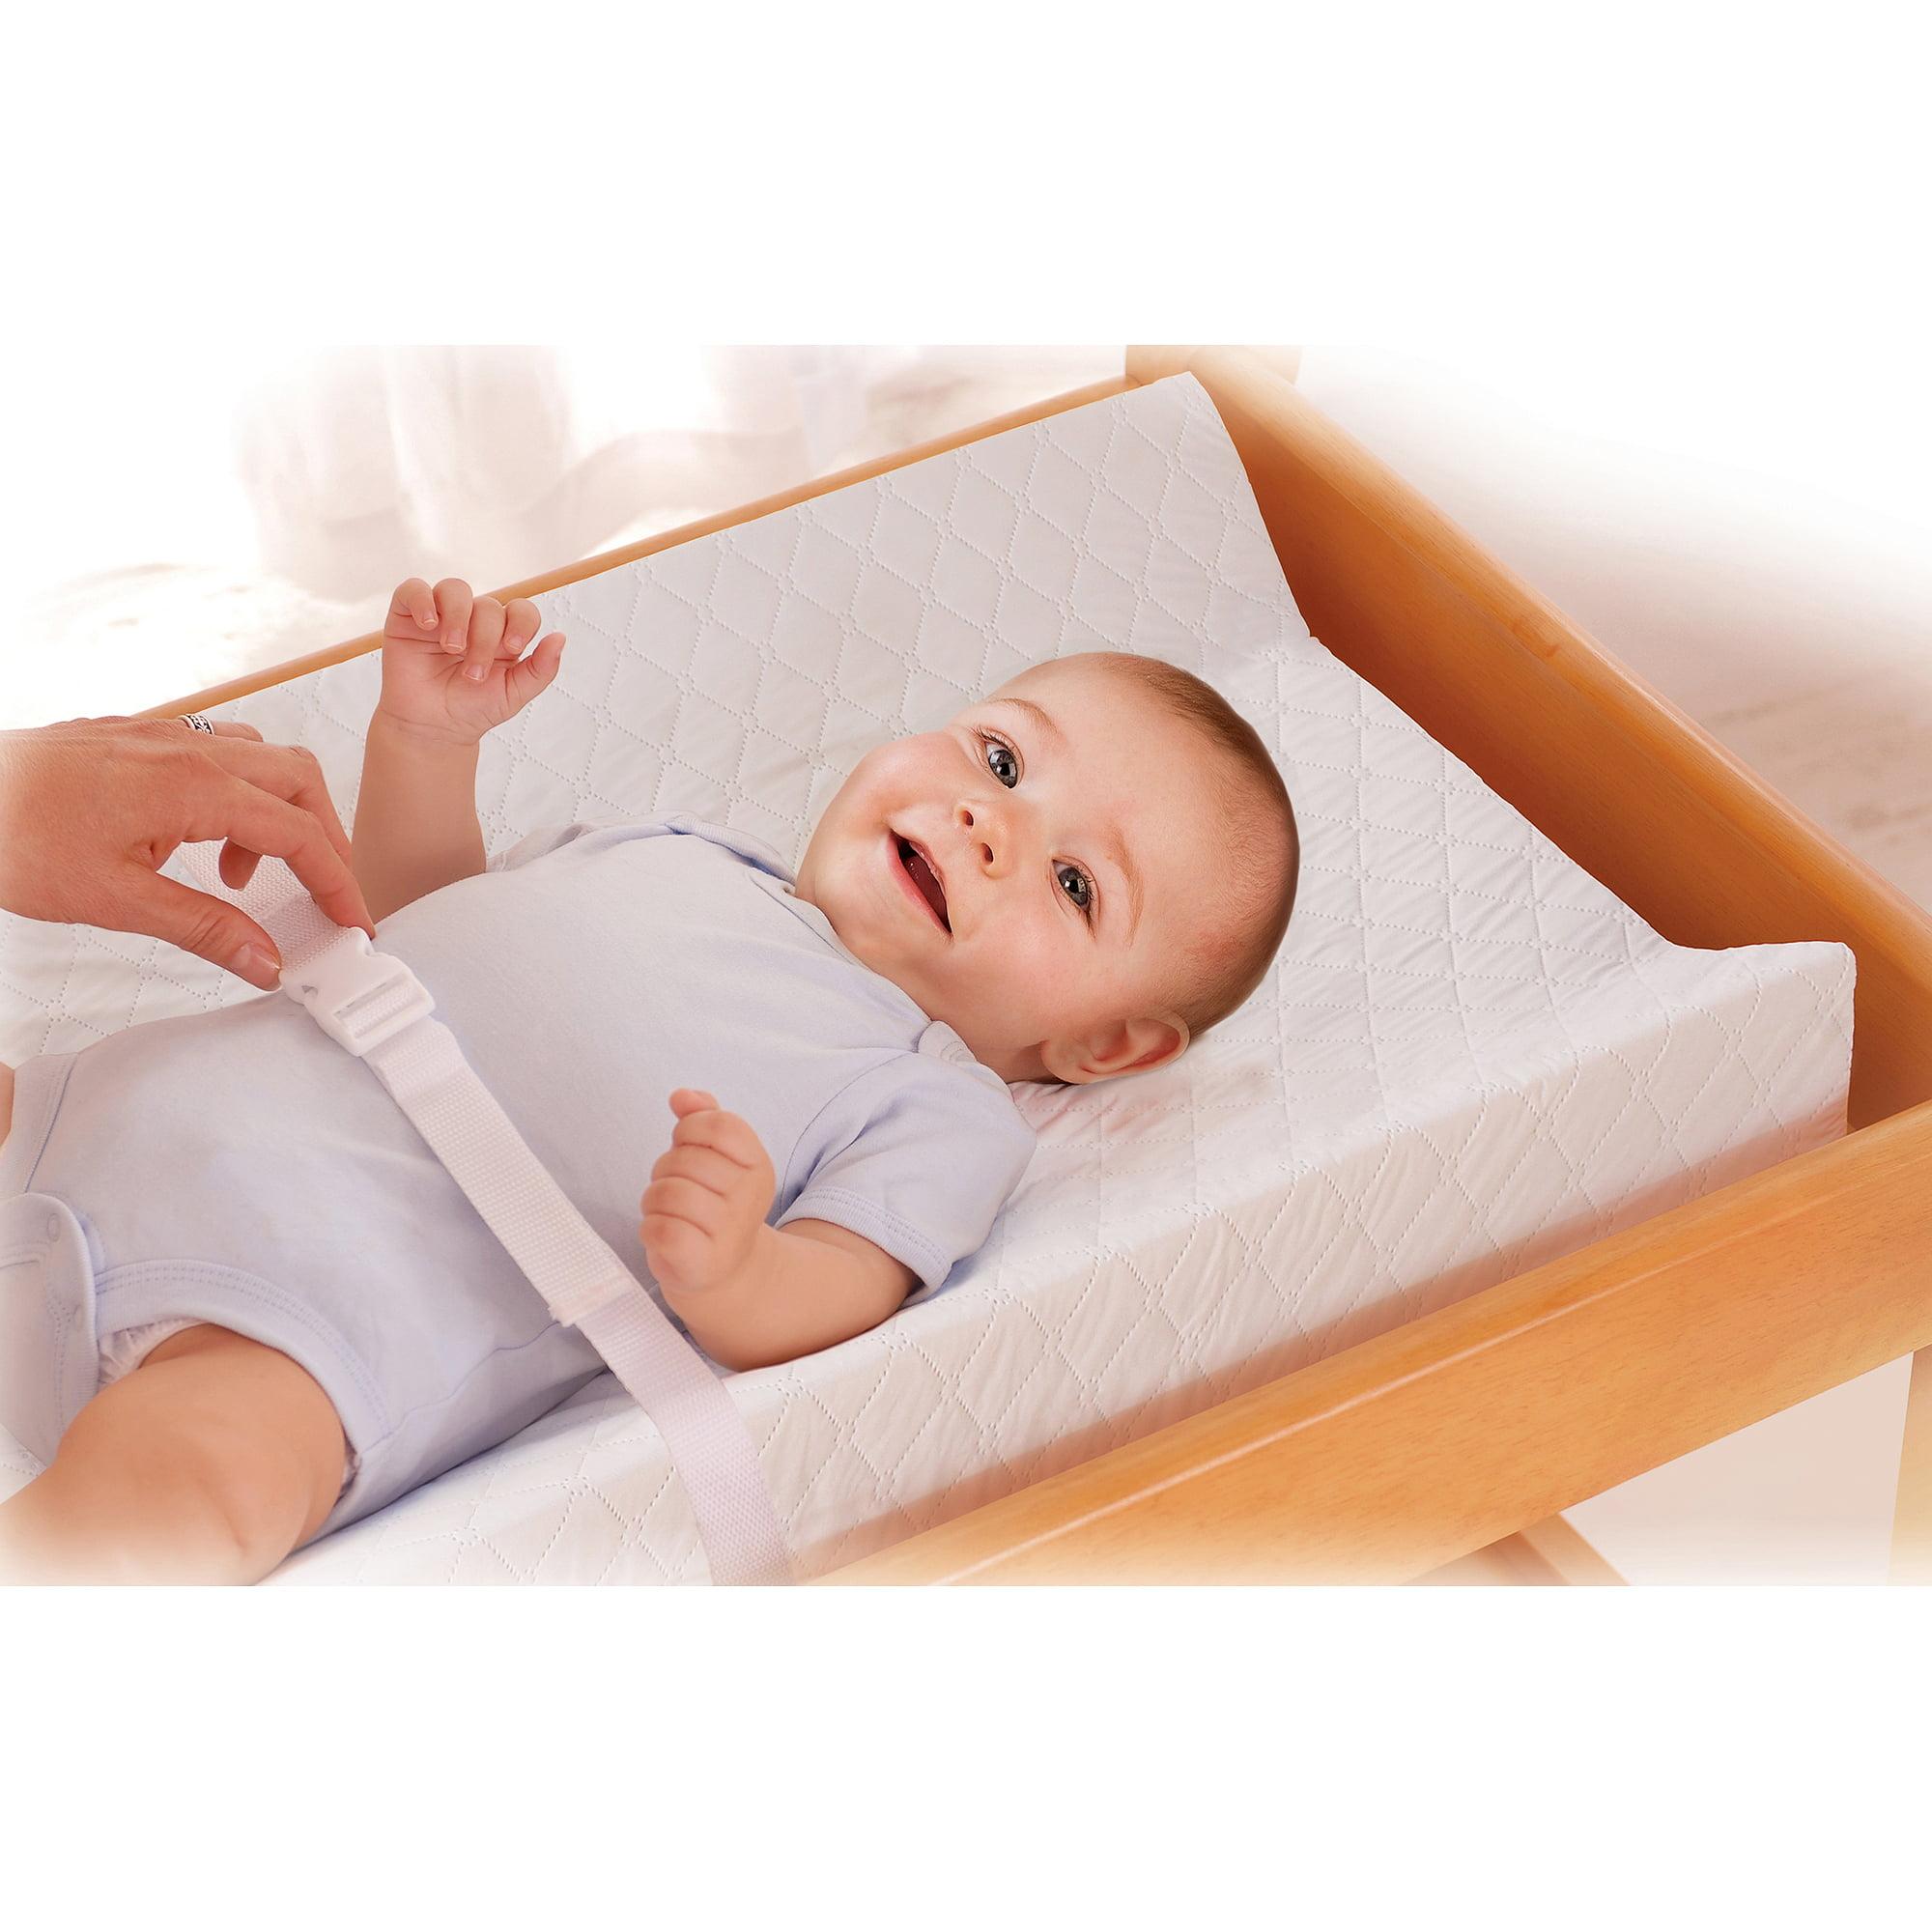 Summer Infant Contoured Change Pad